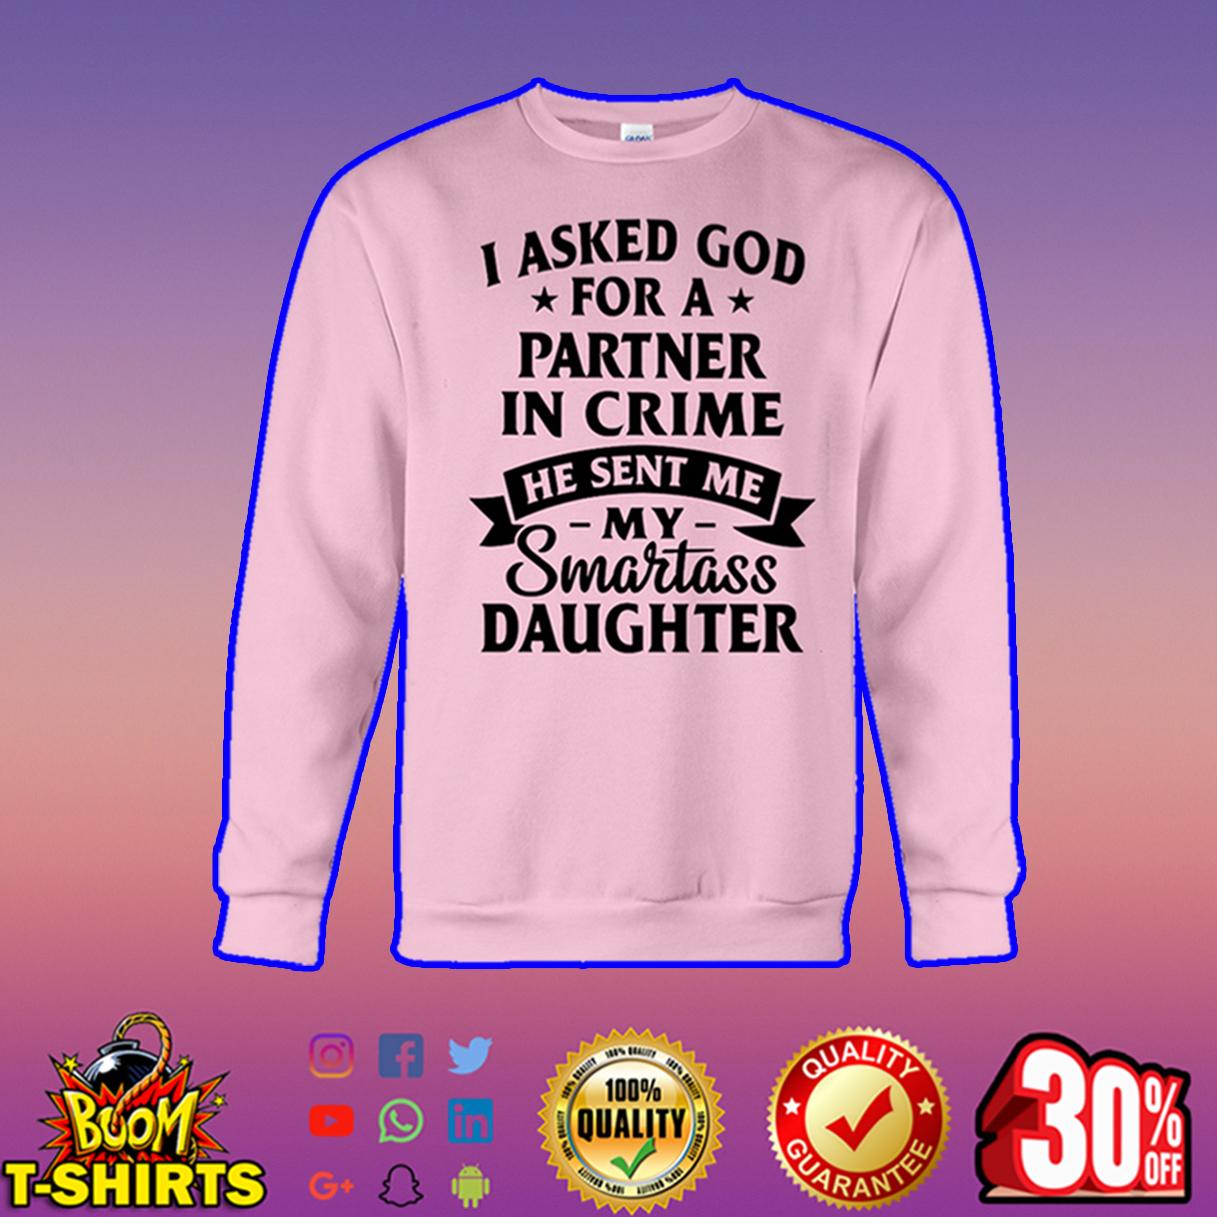 I asked God for a partner in crime he sent me my smartass daughter sweatshirt